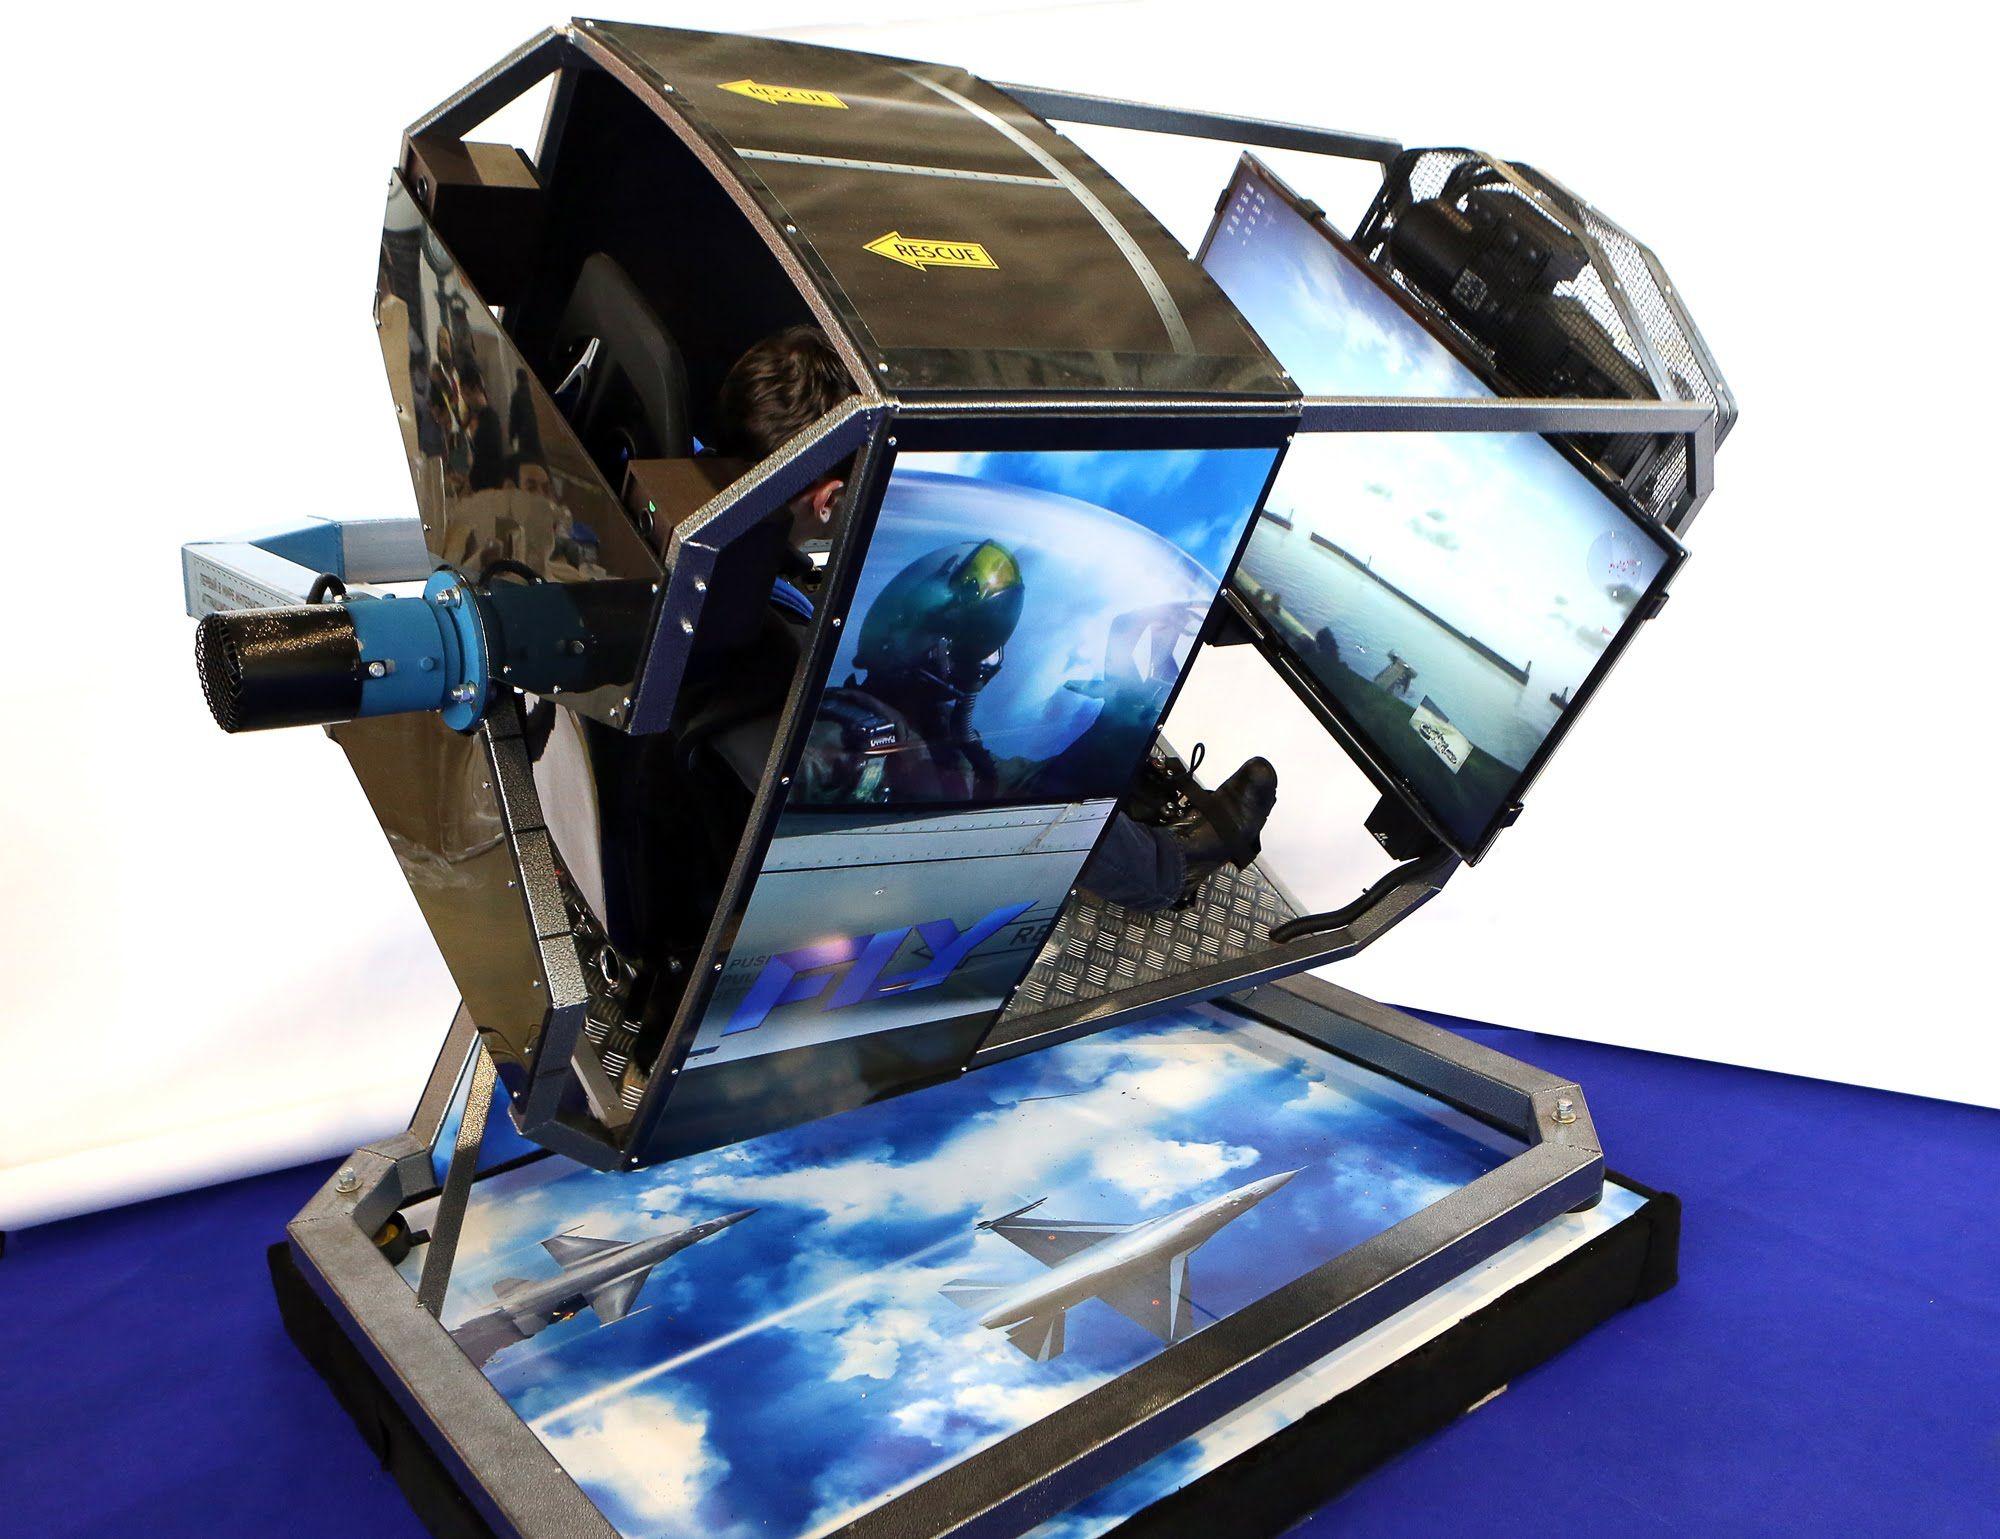 Flight Simulator Chair & Flight Sim Rig - Full Aluminium